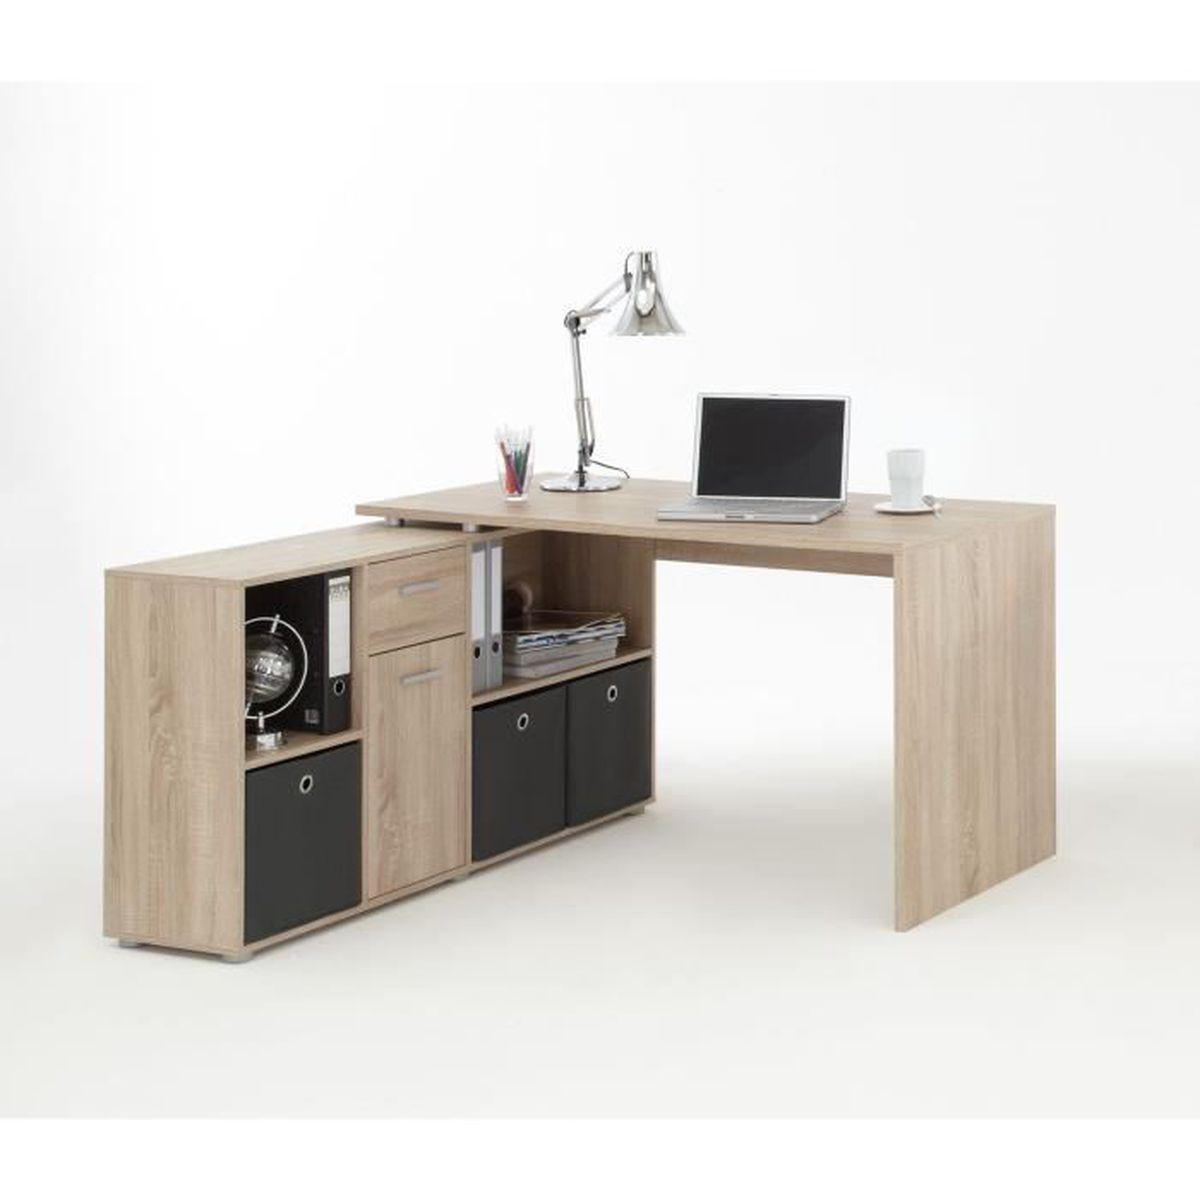 Zito bureau angle reversible classique ch ne l 136 cm achat vente bureau zito bureau angle - Bureau classique ...